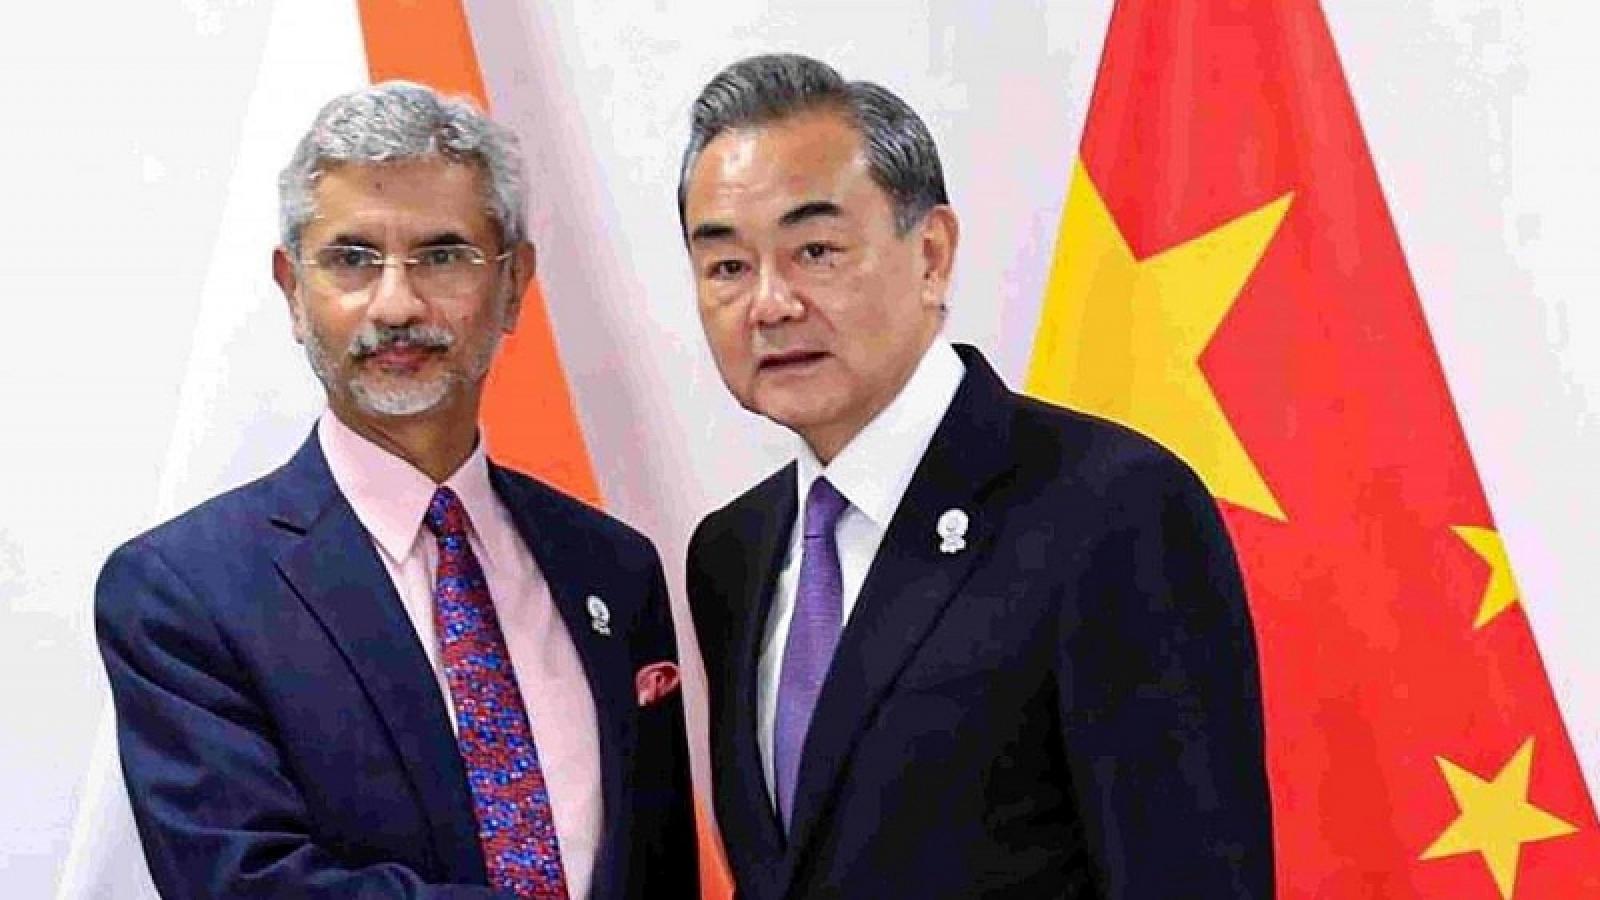 Ấn Độ - Trung Quốc thảo luận về chuỗi cung ứng trong đại dịch